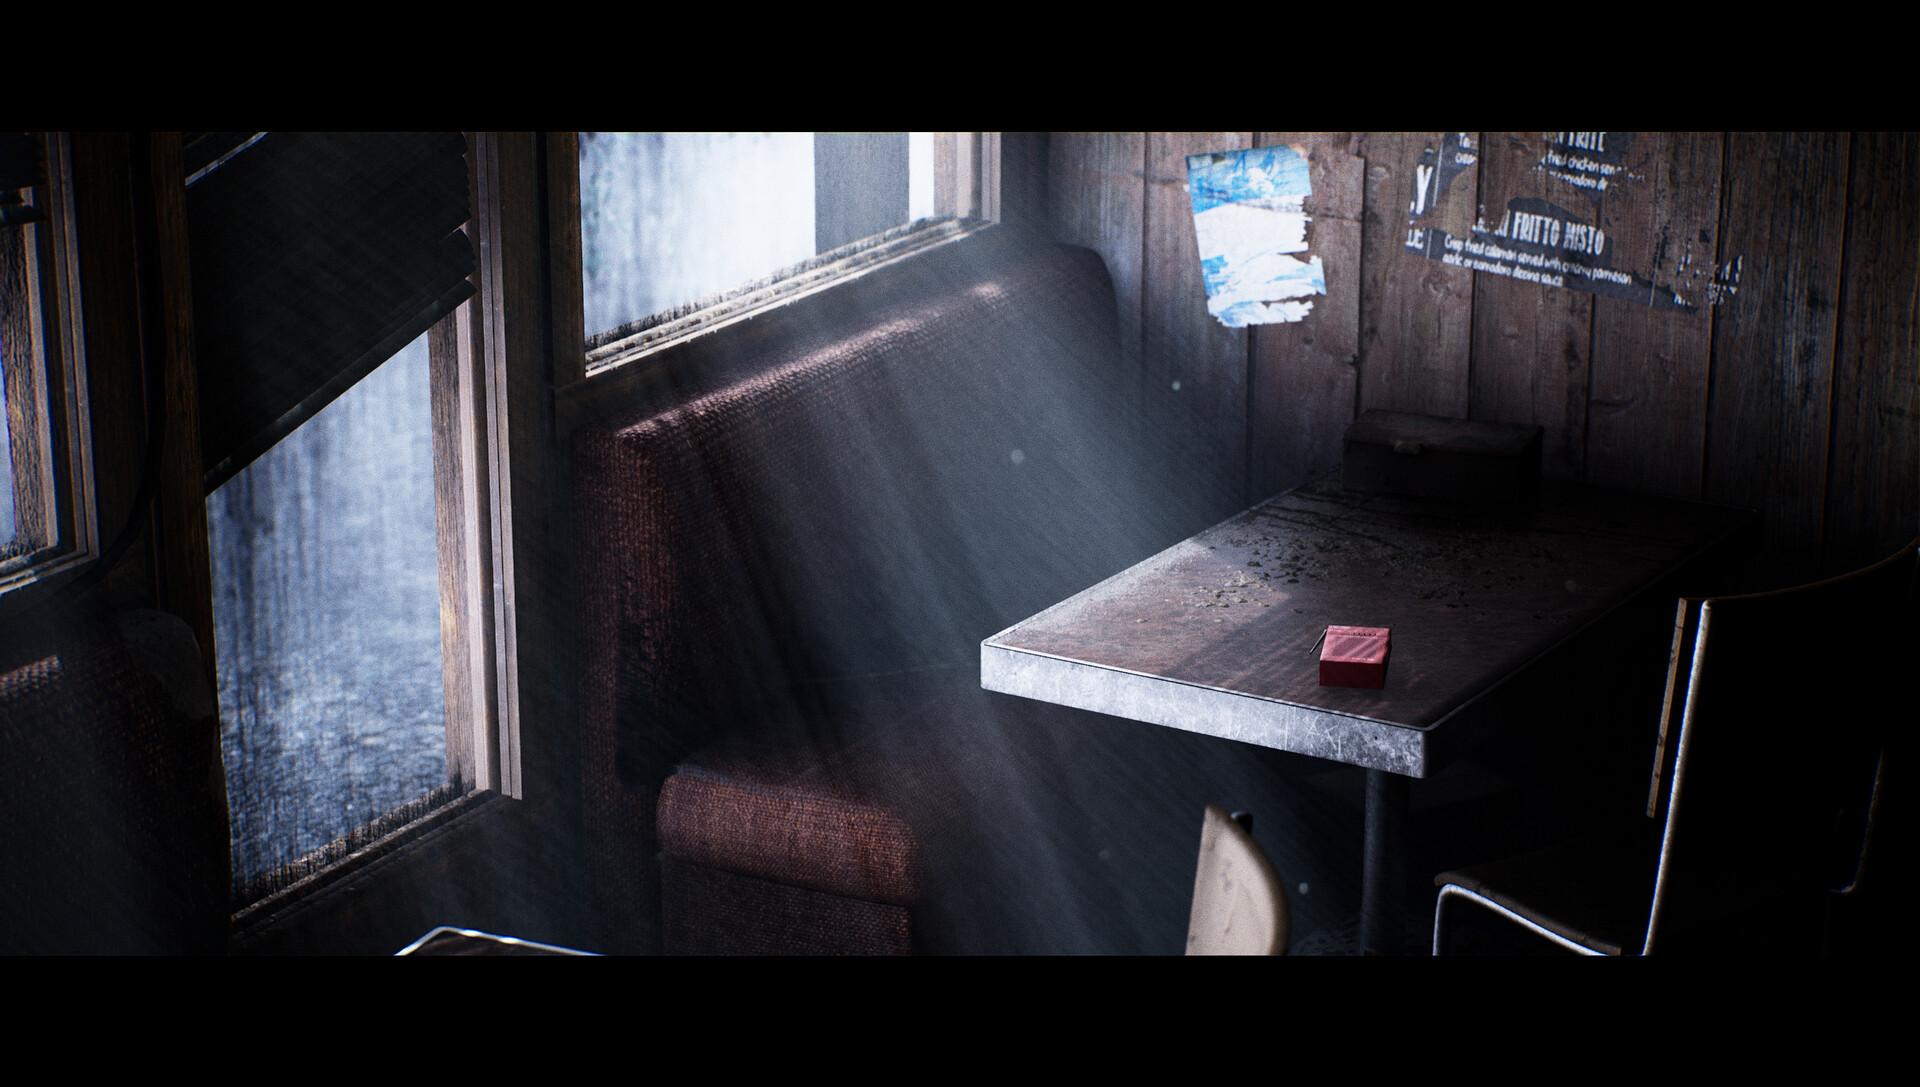 Художник воссоздал кафе из Silent Hill на Unreal Engine 4